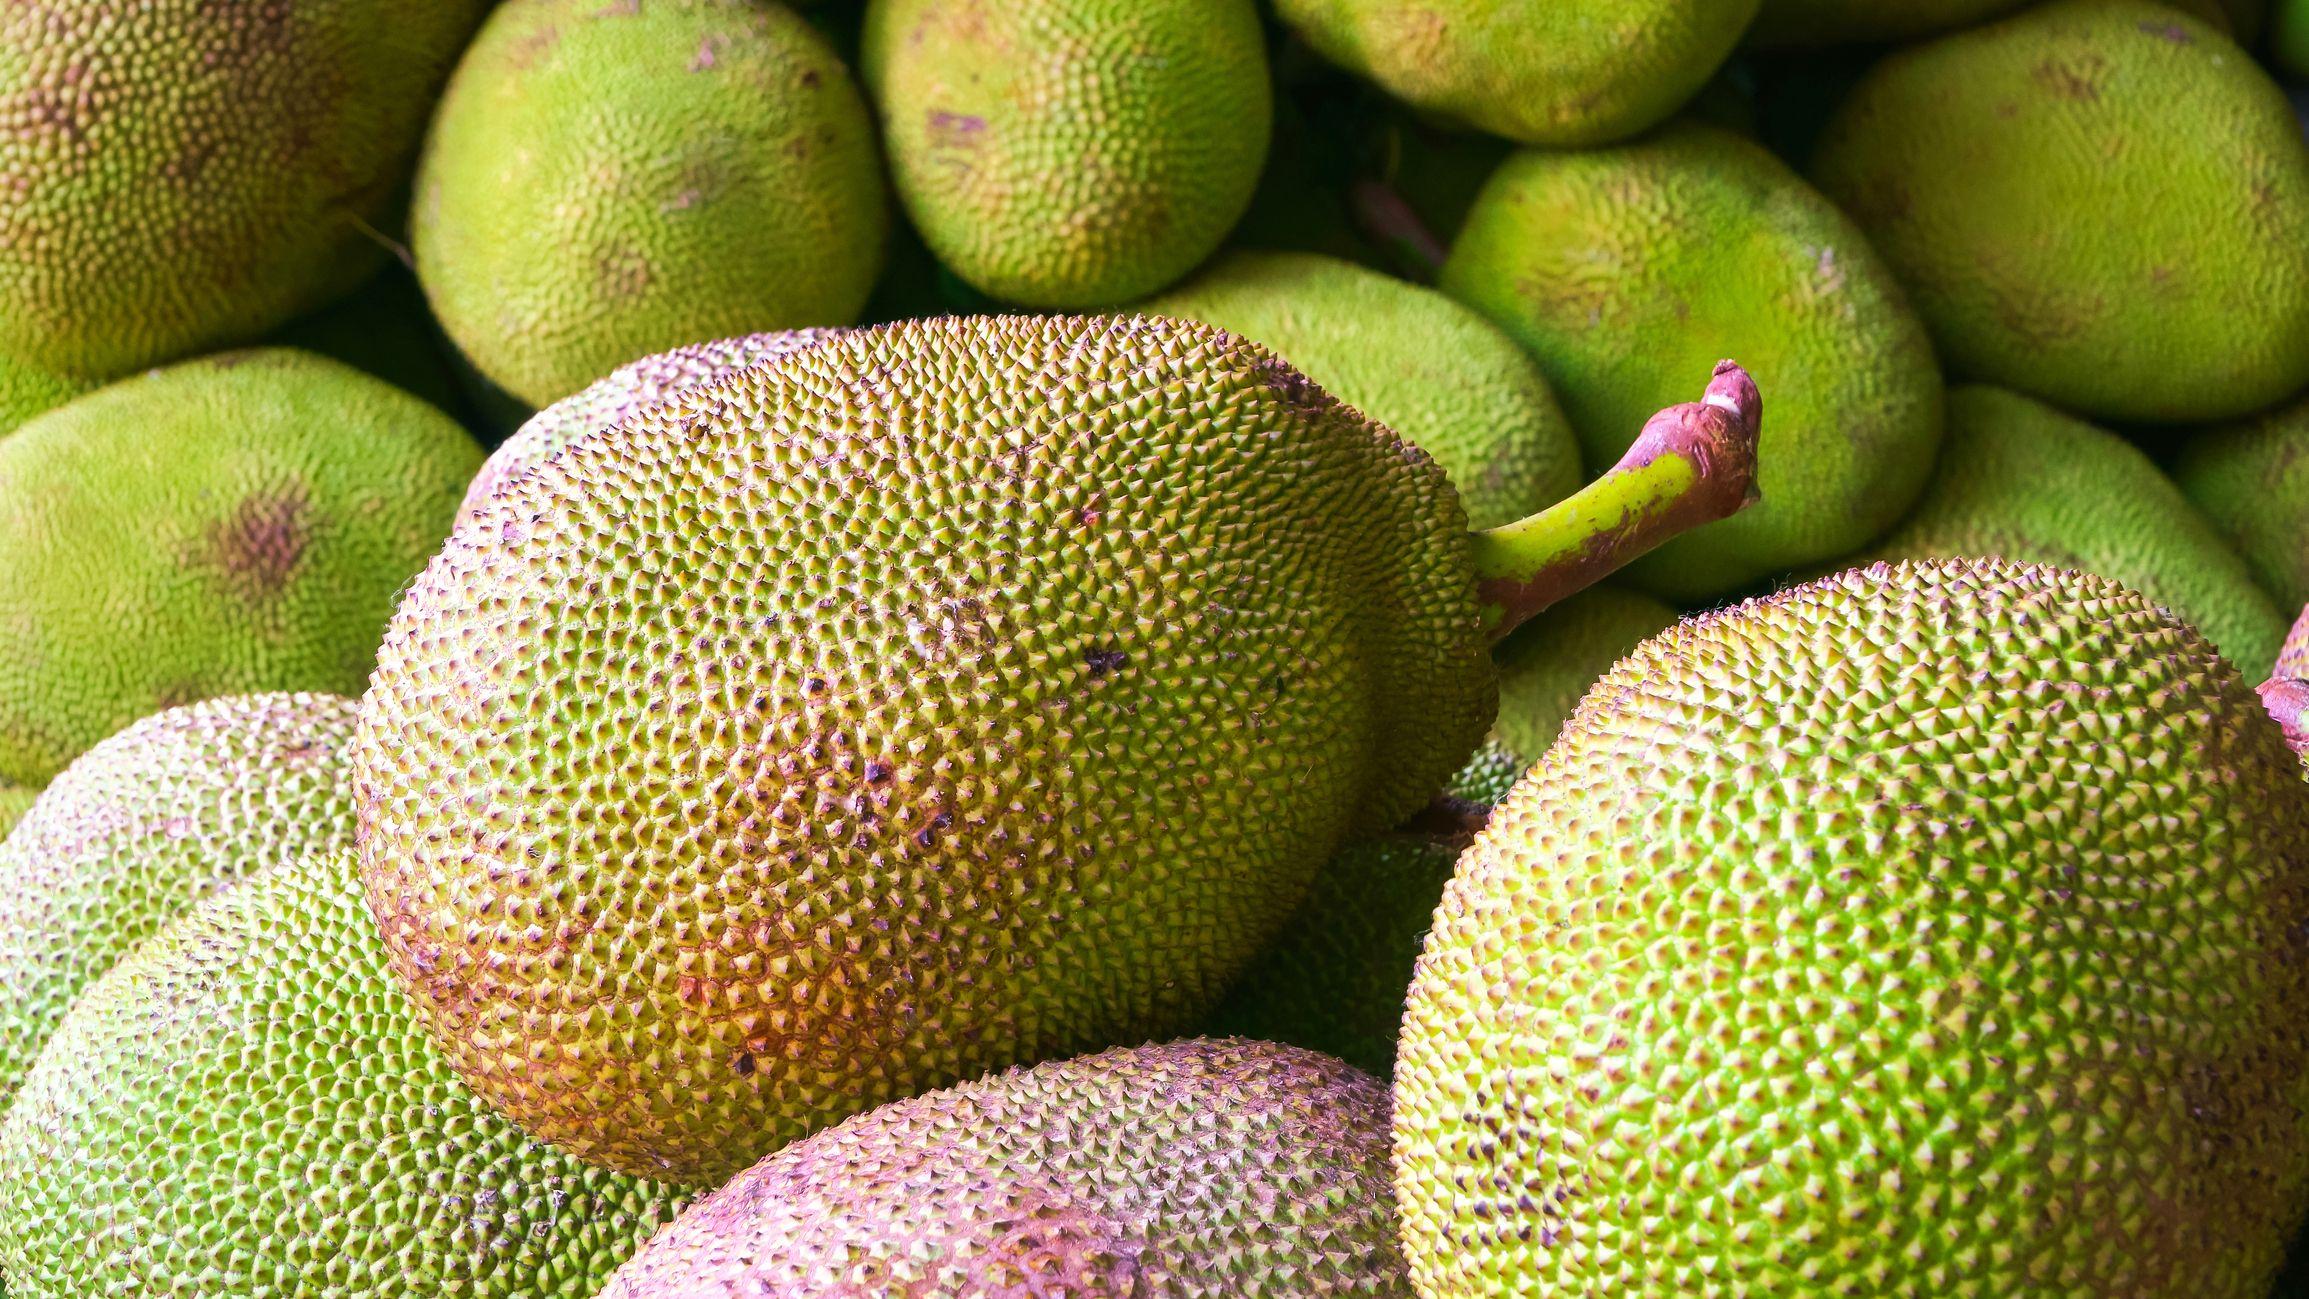 full-frame-shot-of-jackfruits-for-sale-at-market-royalty-free-image-1579270980